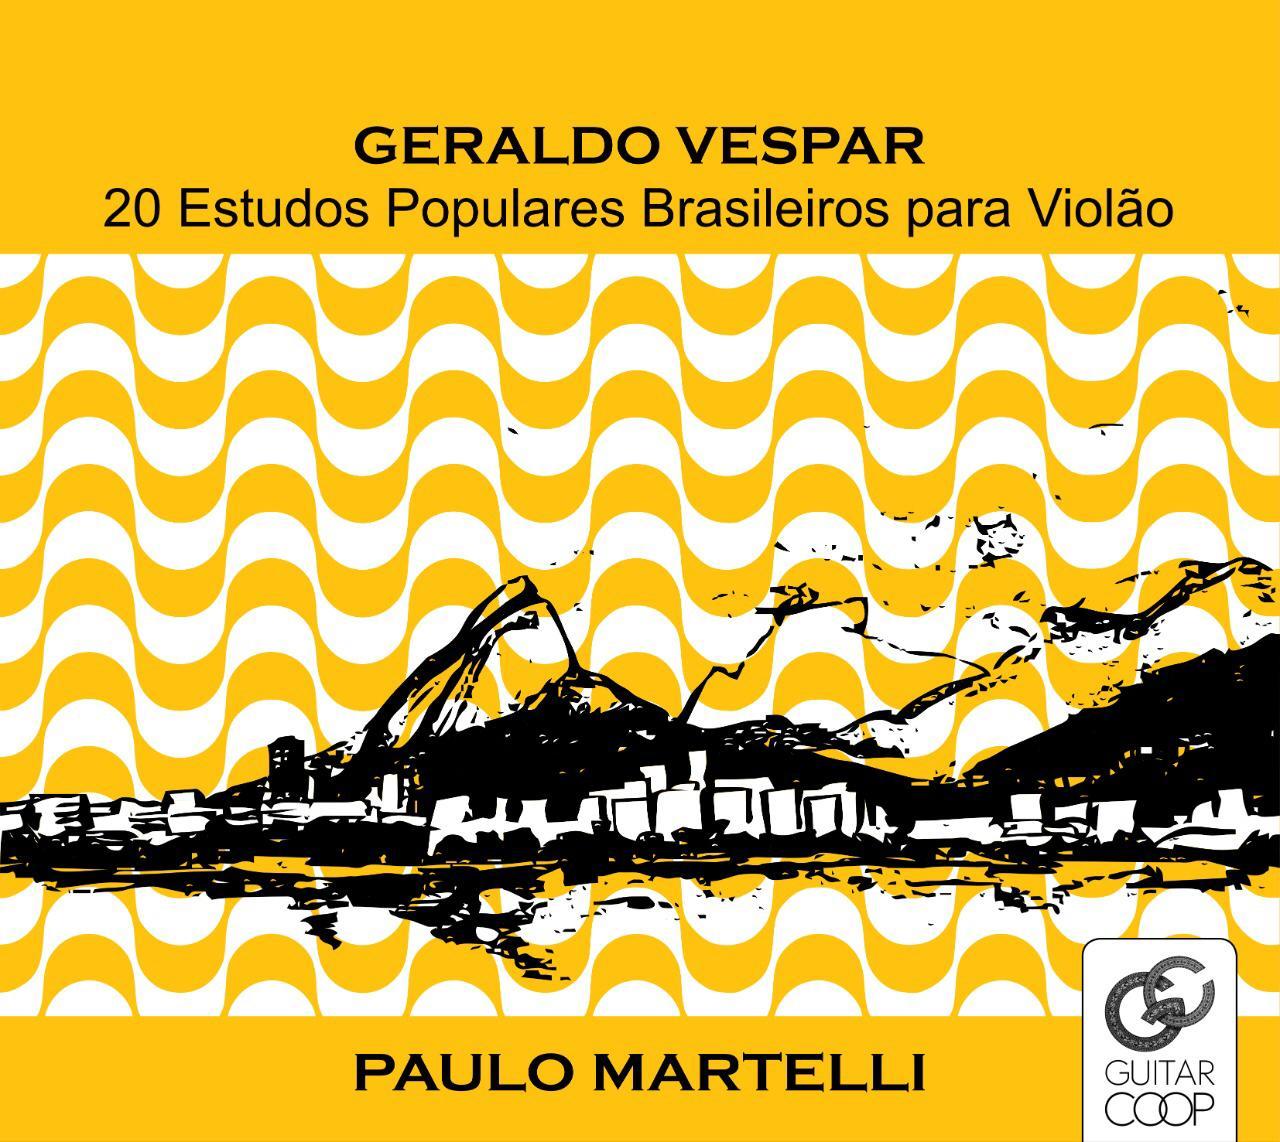 Geraldo Vespar tem obra inédita lançada em disco de Paulo Martelli